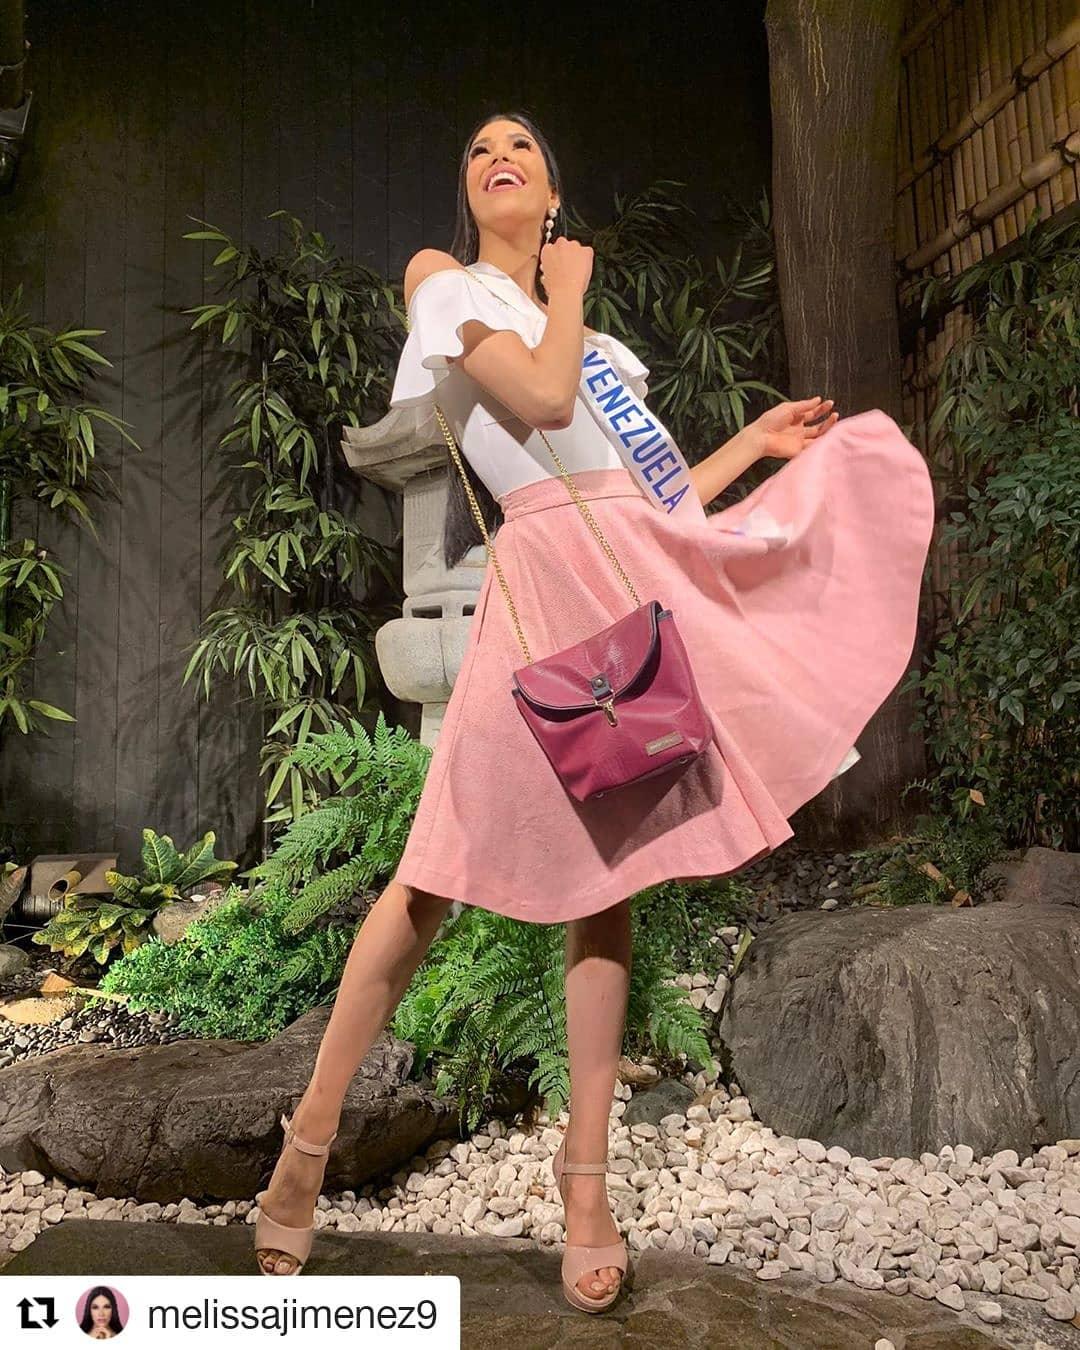 melissa jimenez, top 15 de miss international 2019. - Página 12 75580611